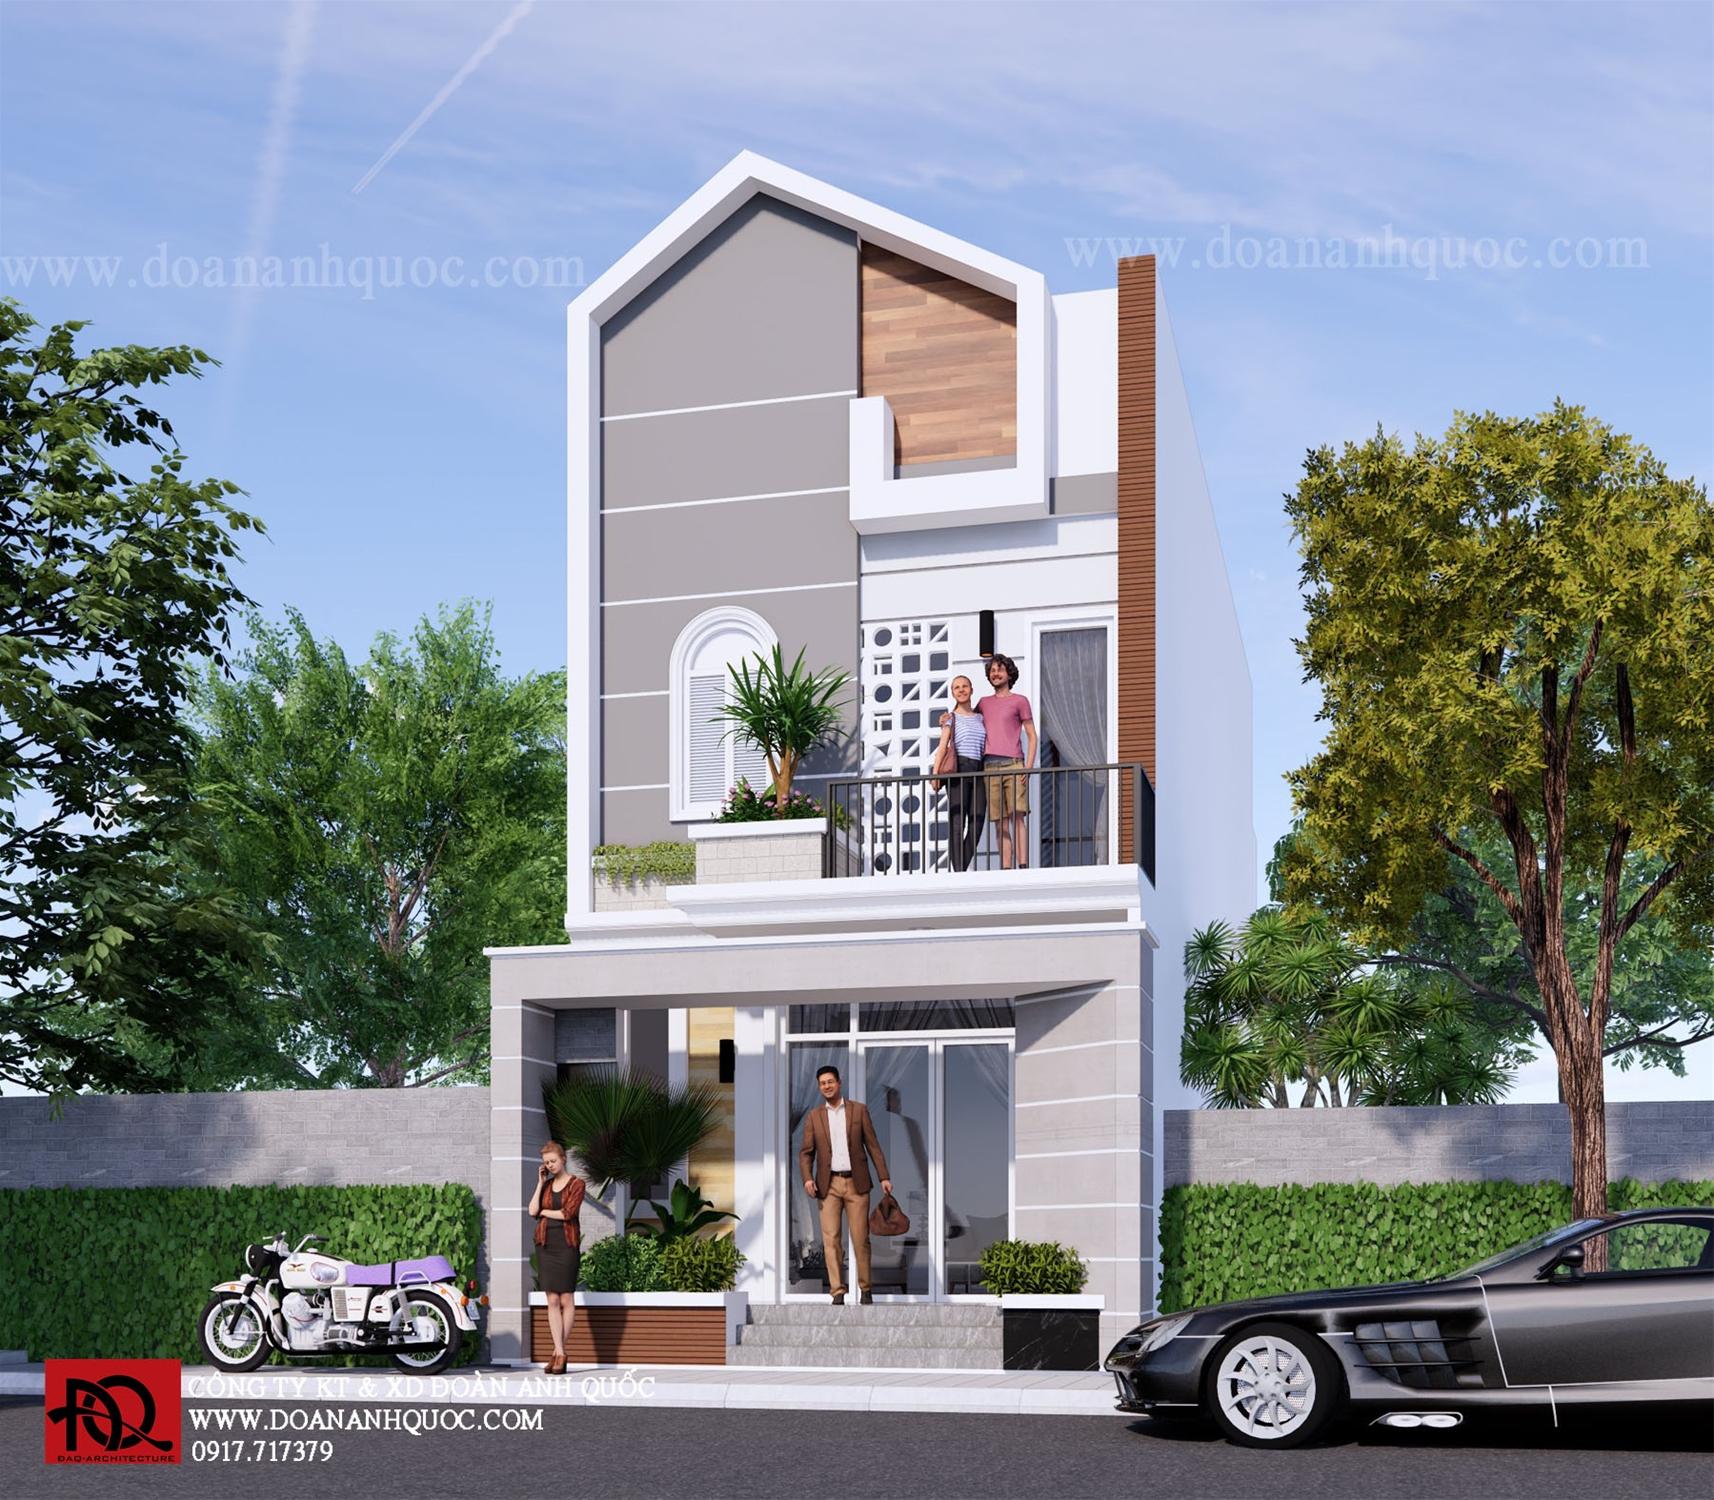 Công ty TNHH Kiến trúc Xây dựng Đoàn Anh Quốc - 500 bản vẽ thiết kế nhà phố đẹp năm 2021 tại Phan Thiết